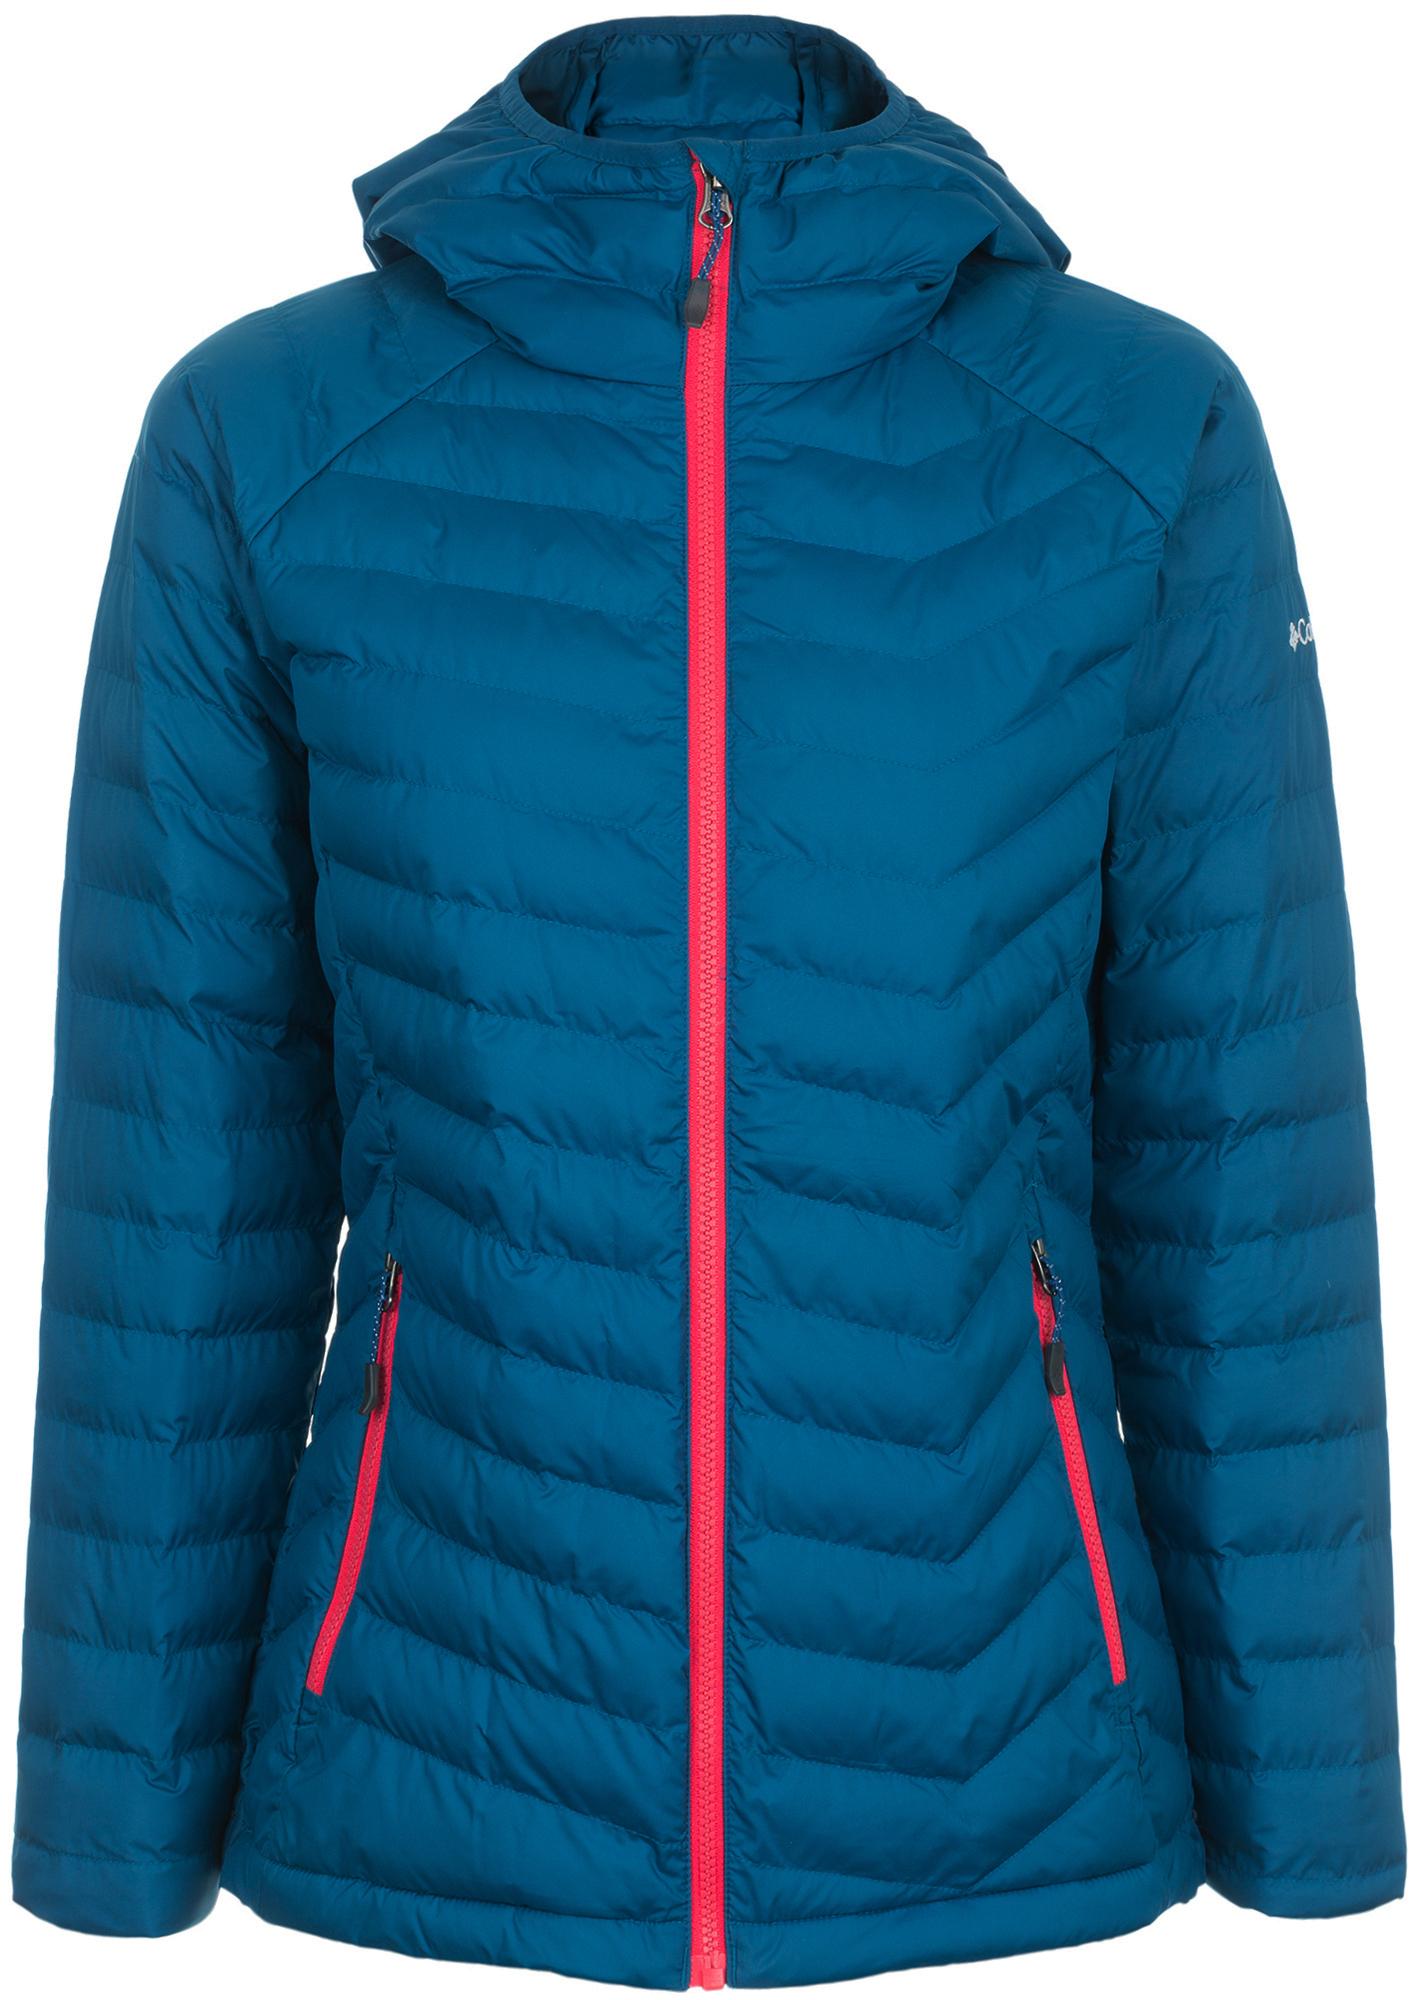 Columbia Куртка утепленная женская Columbia Powder Lite columbia куртка утепленная для девочек columbia horizon ride